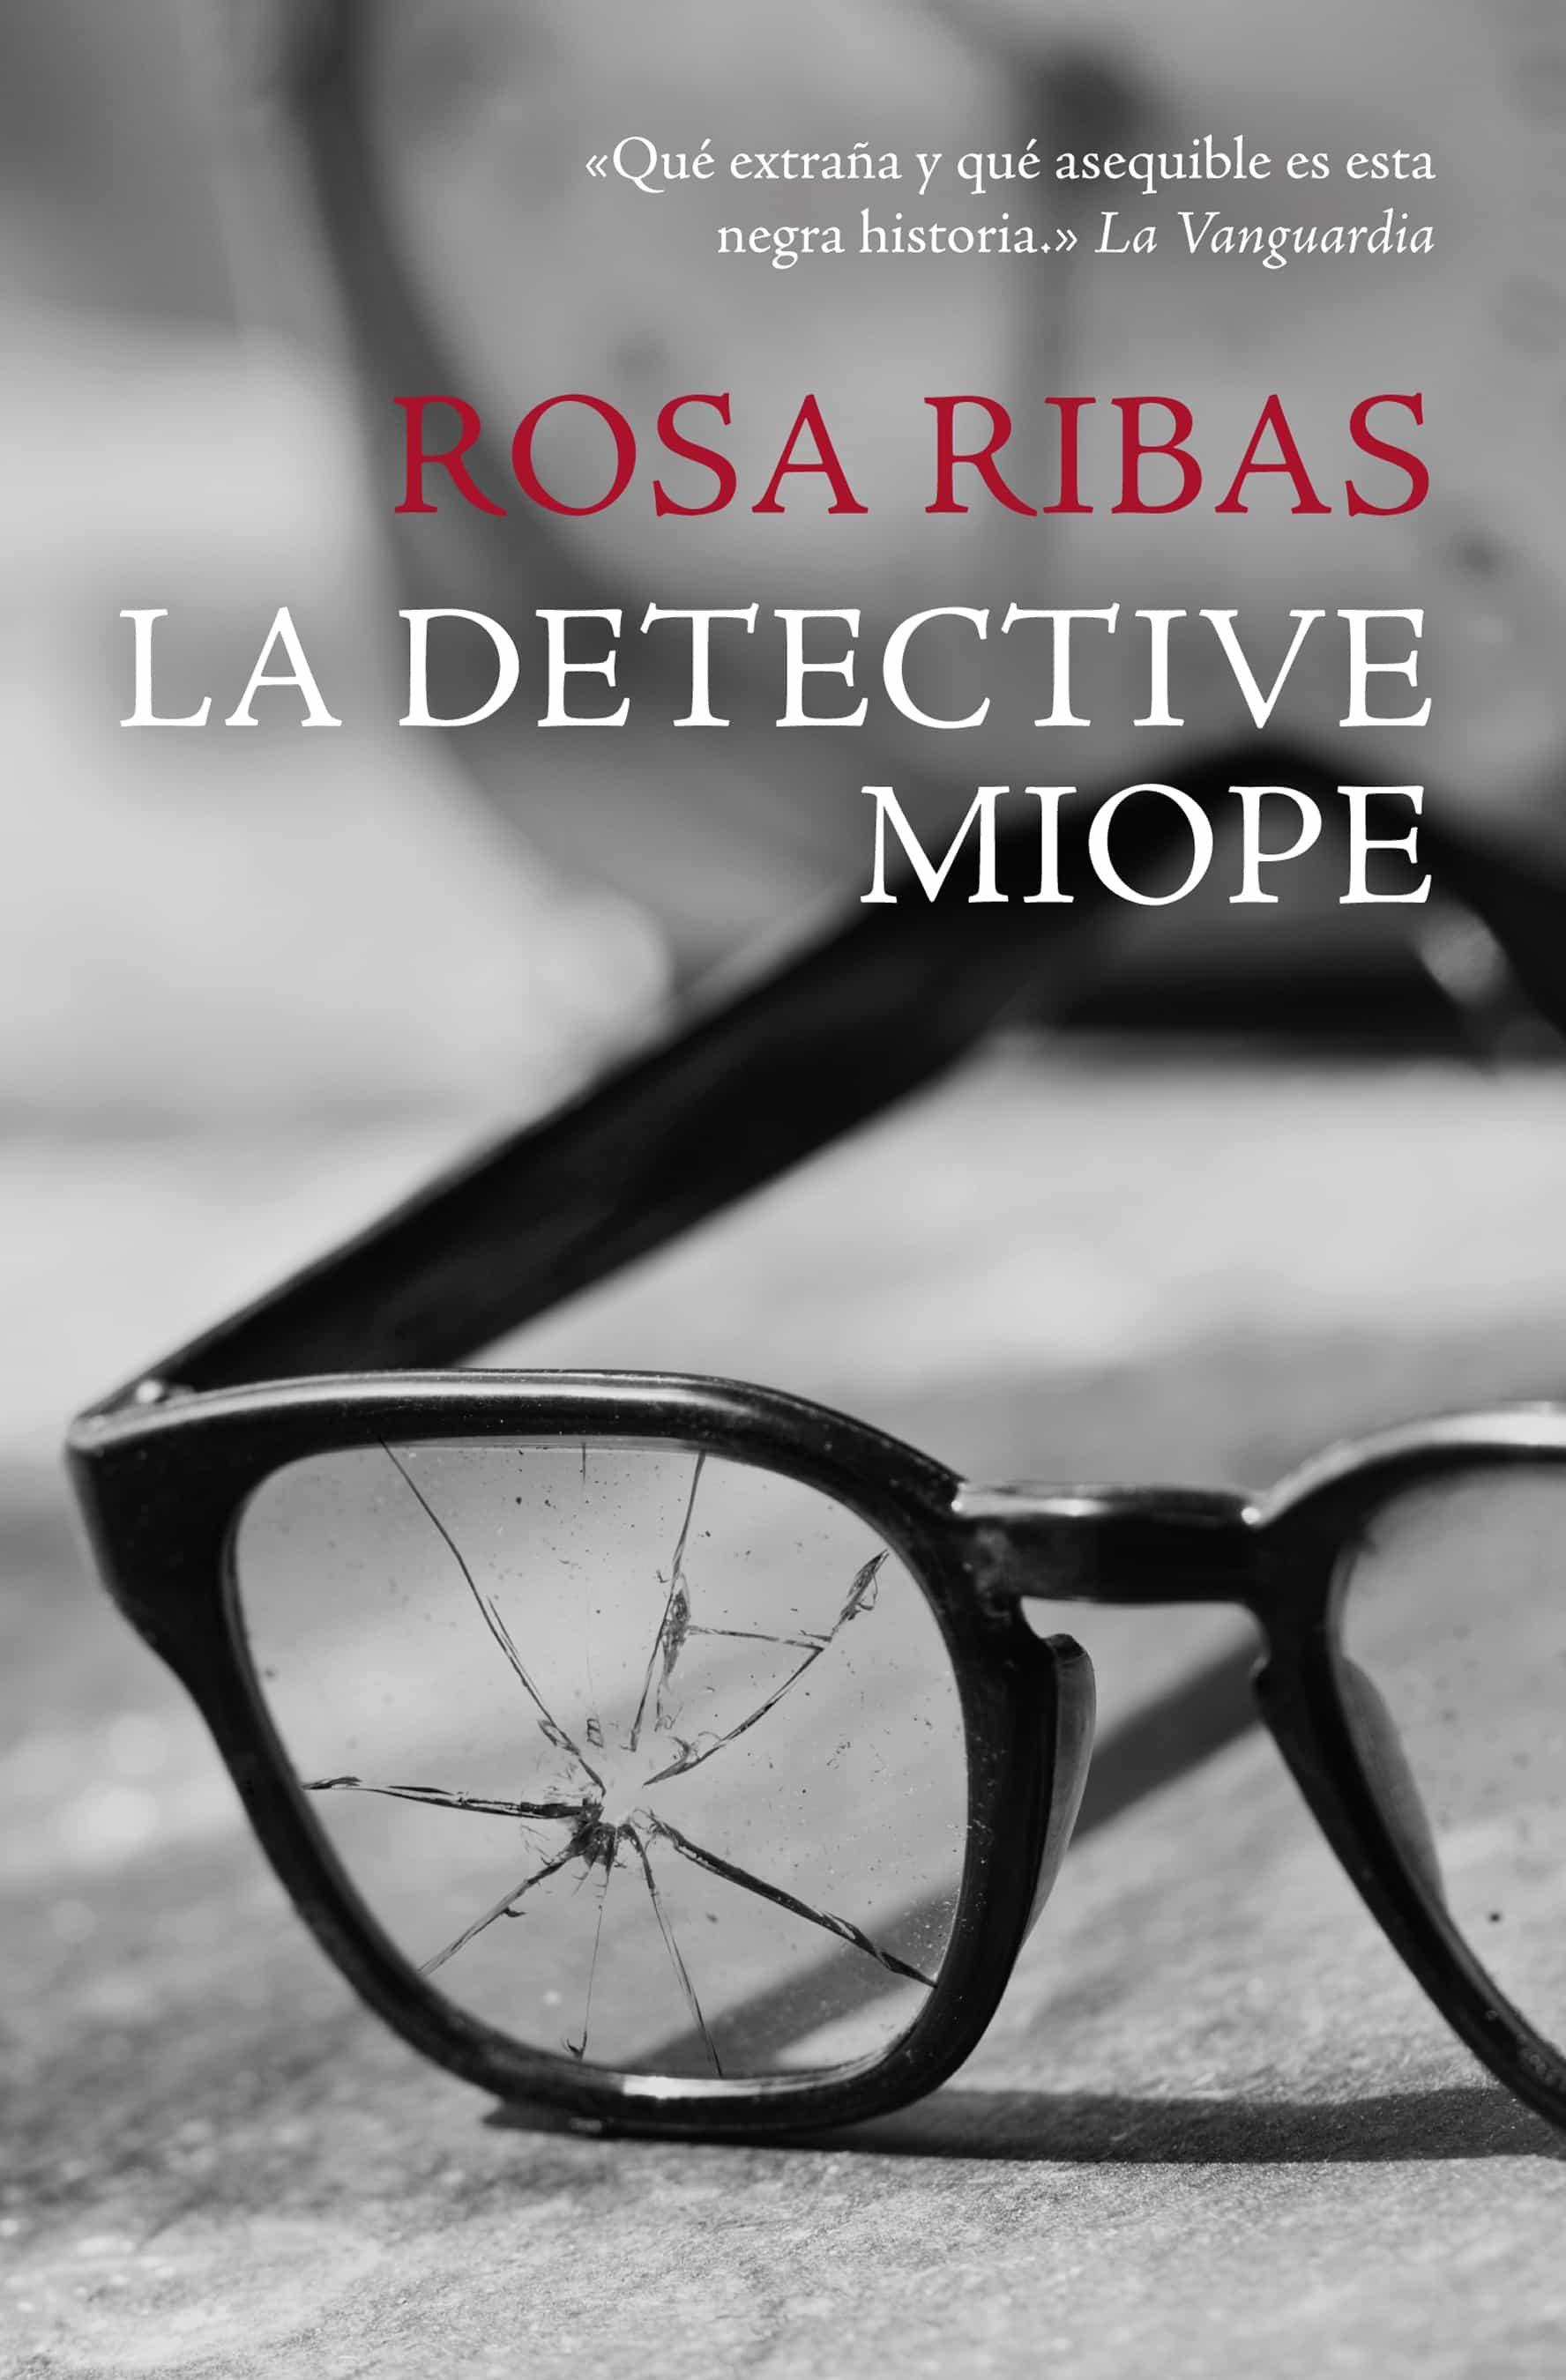 La Detective Miope   por Rosa Ribas